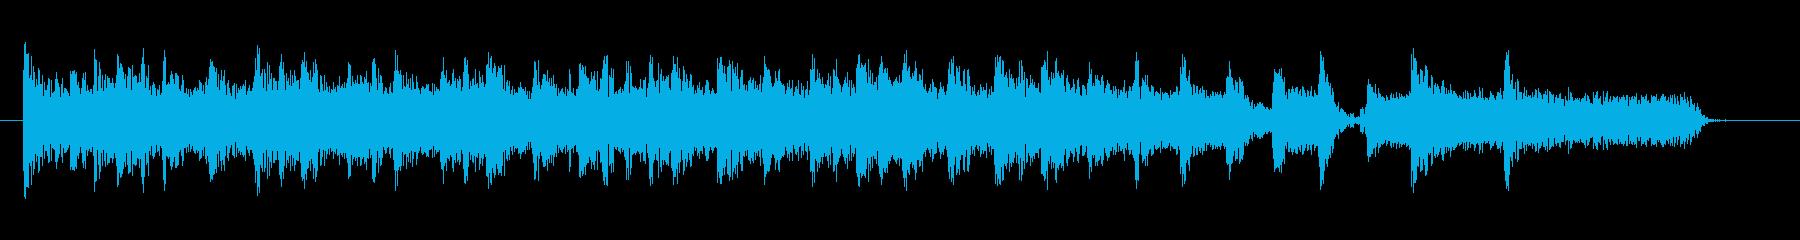 ソリッドなカッティングギタージングルの再生済みの波形